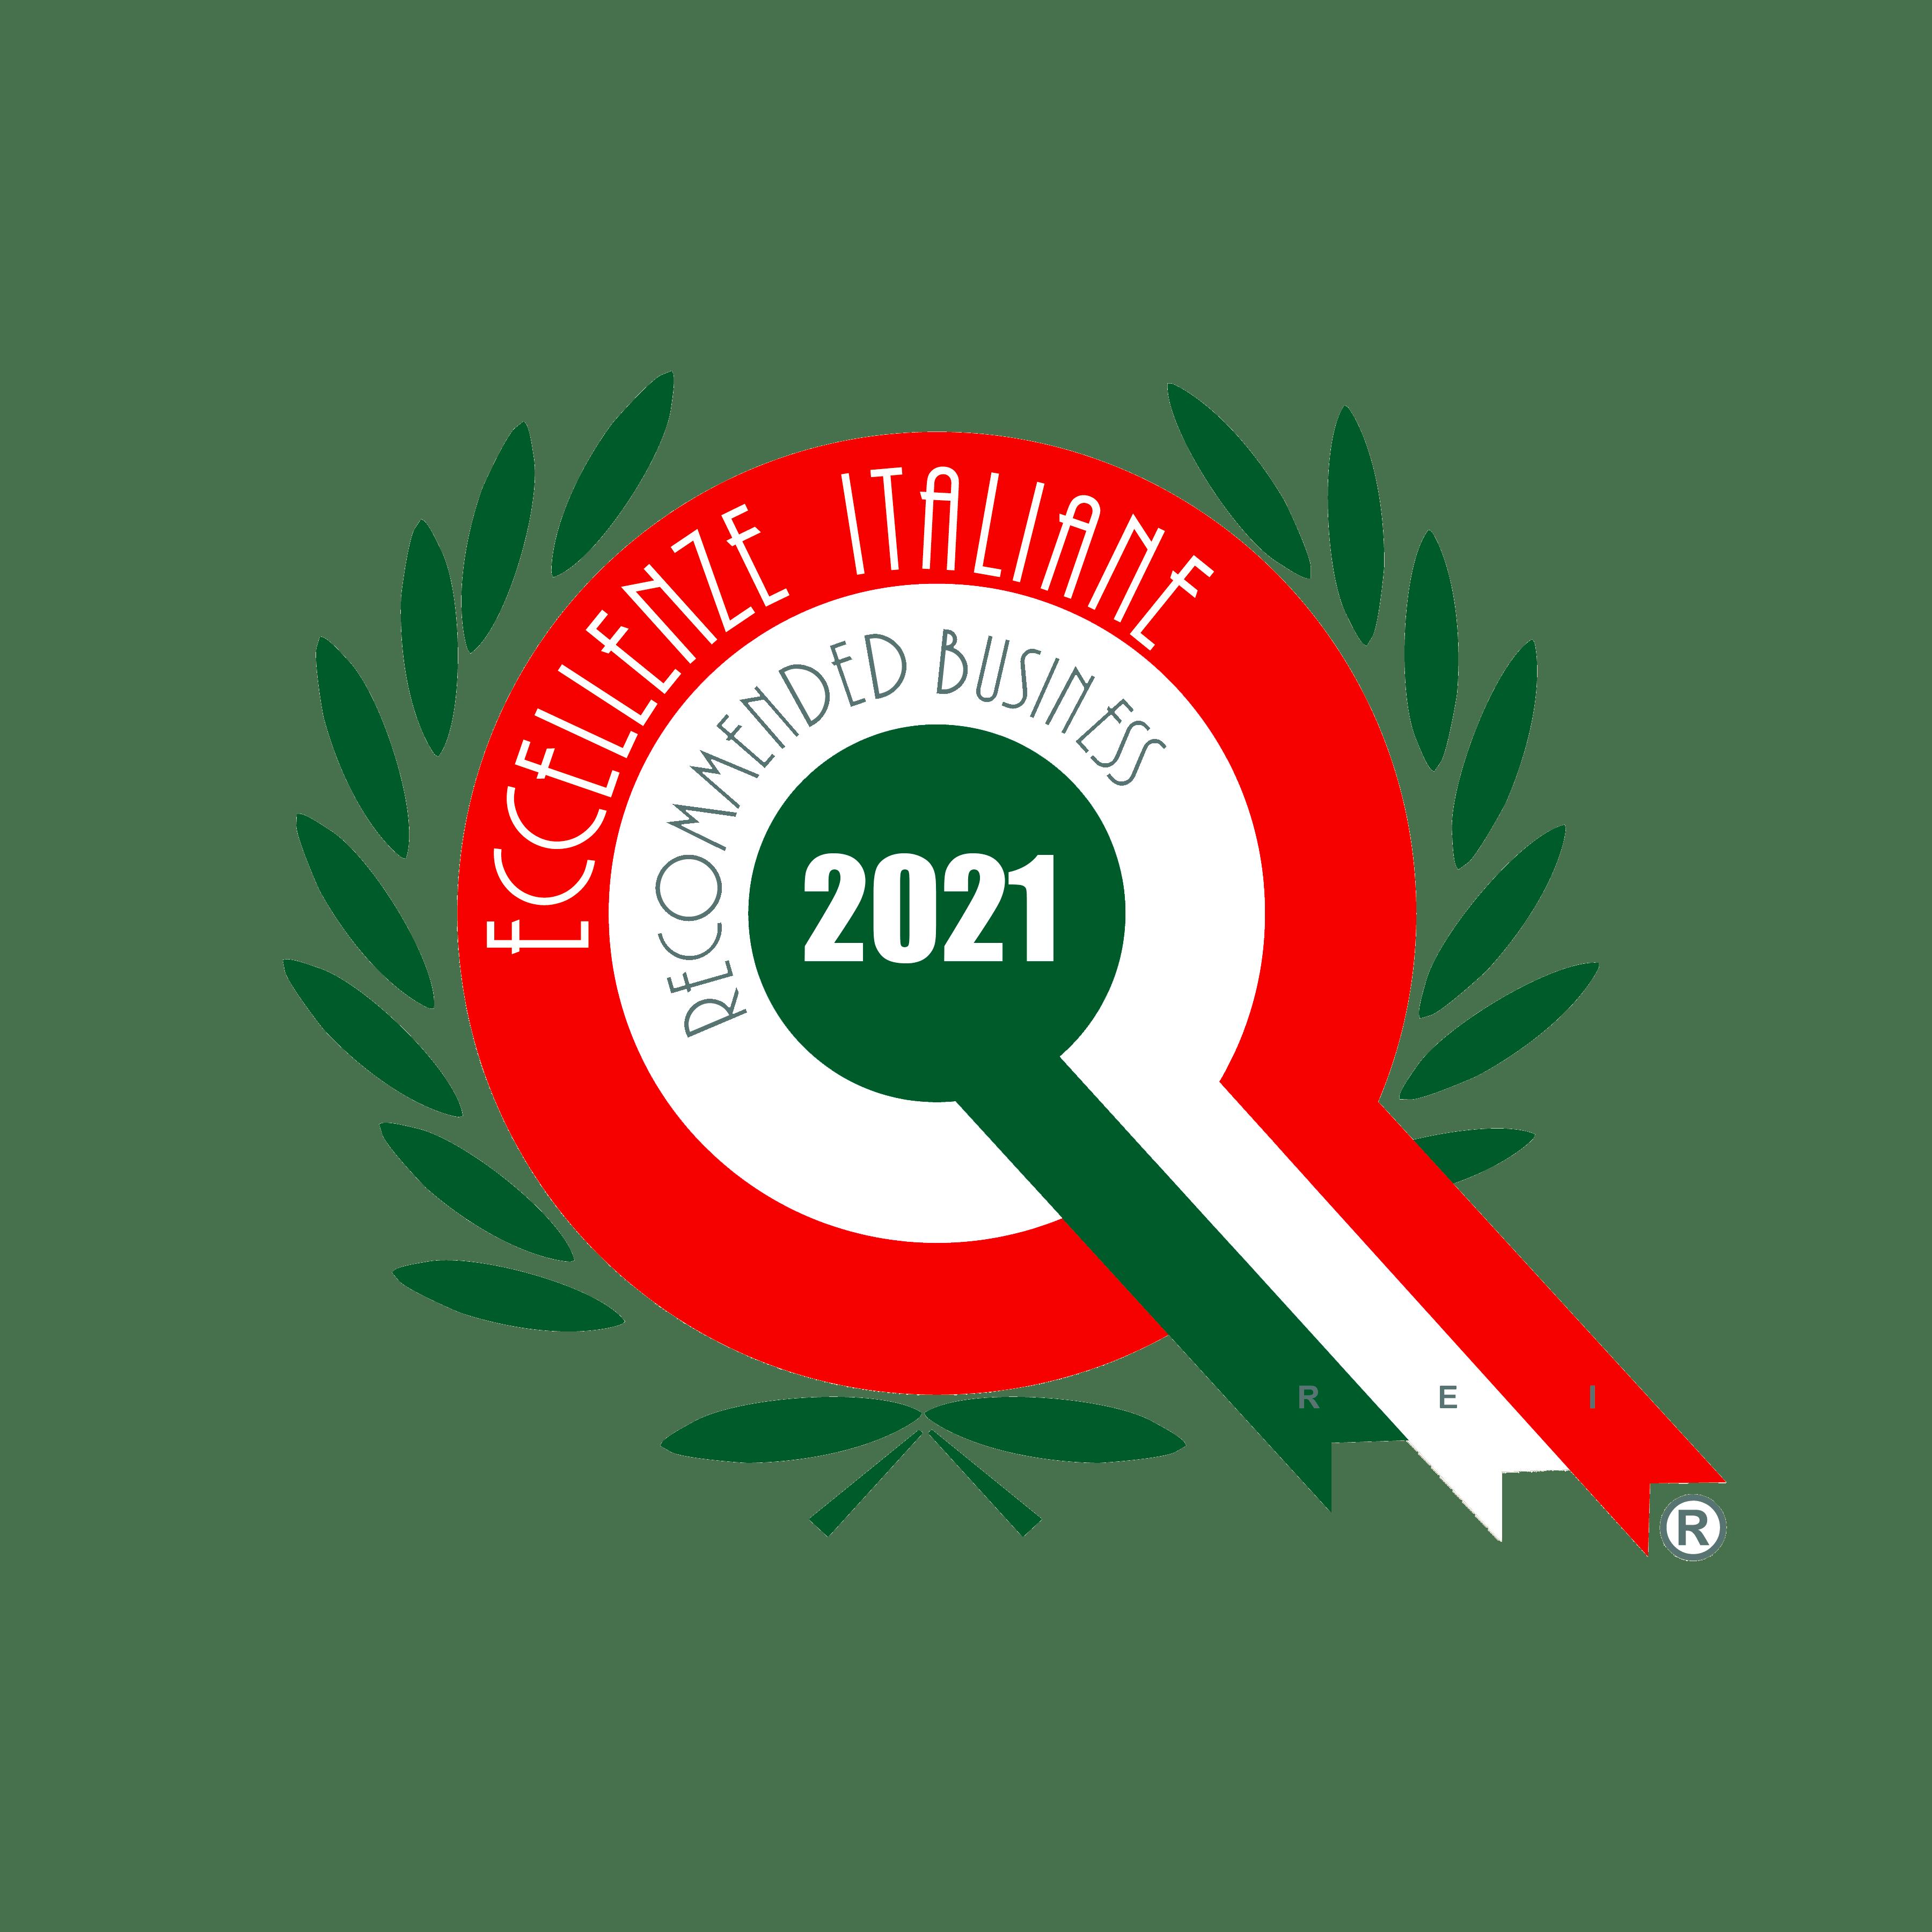 Eccellenze_Italiane_2021_trasparent-min (002)